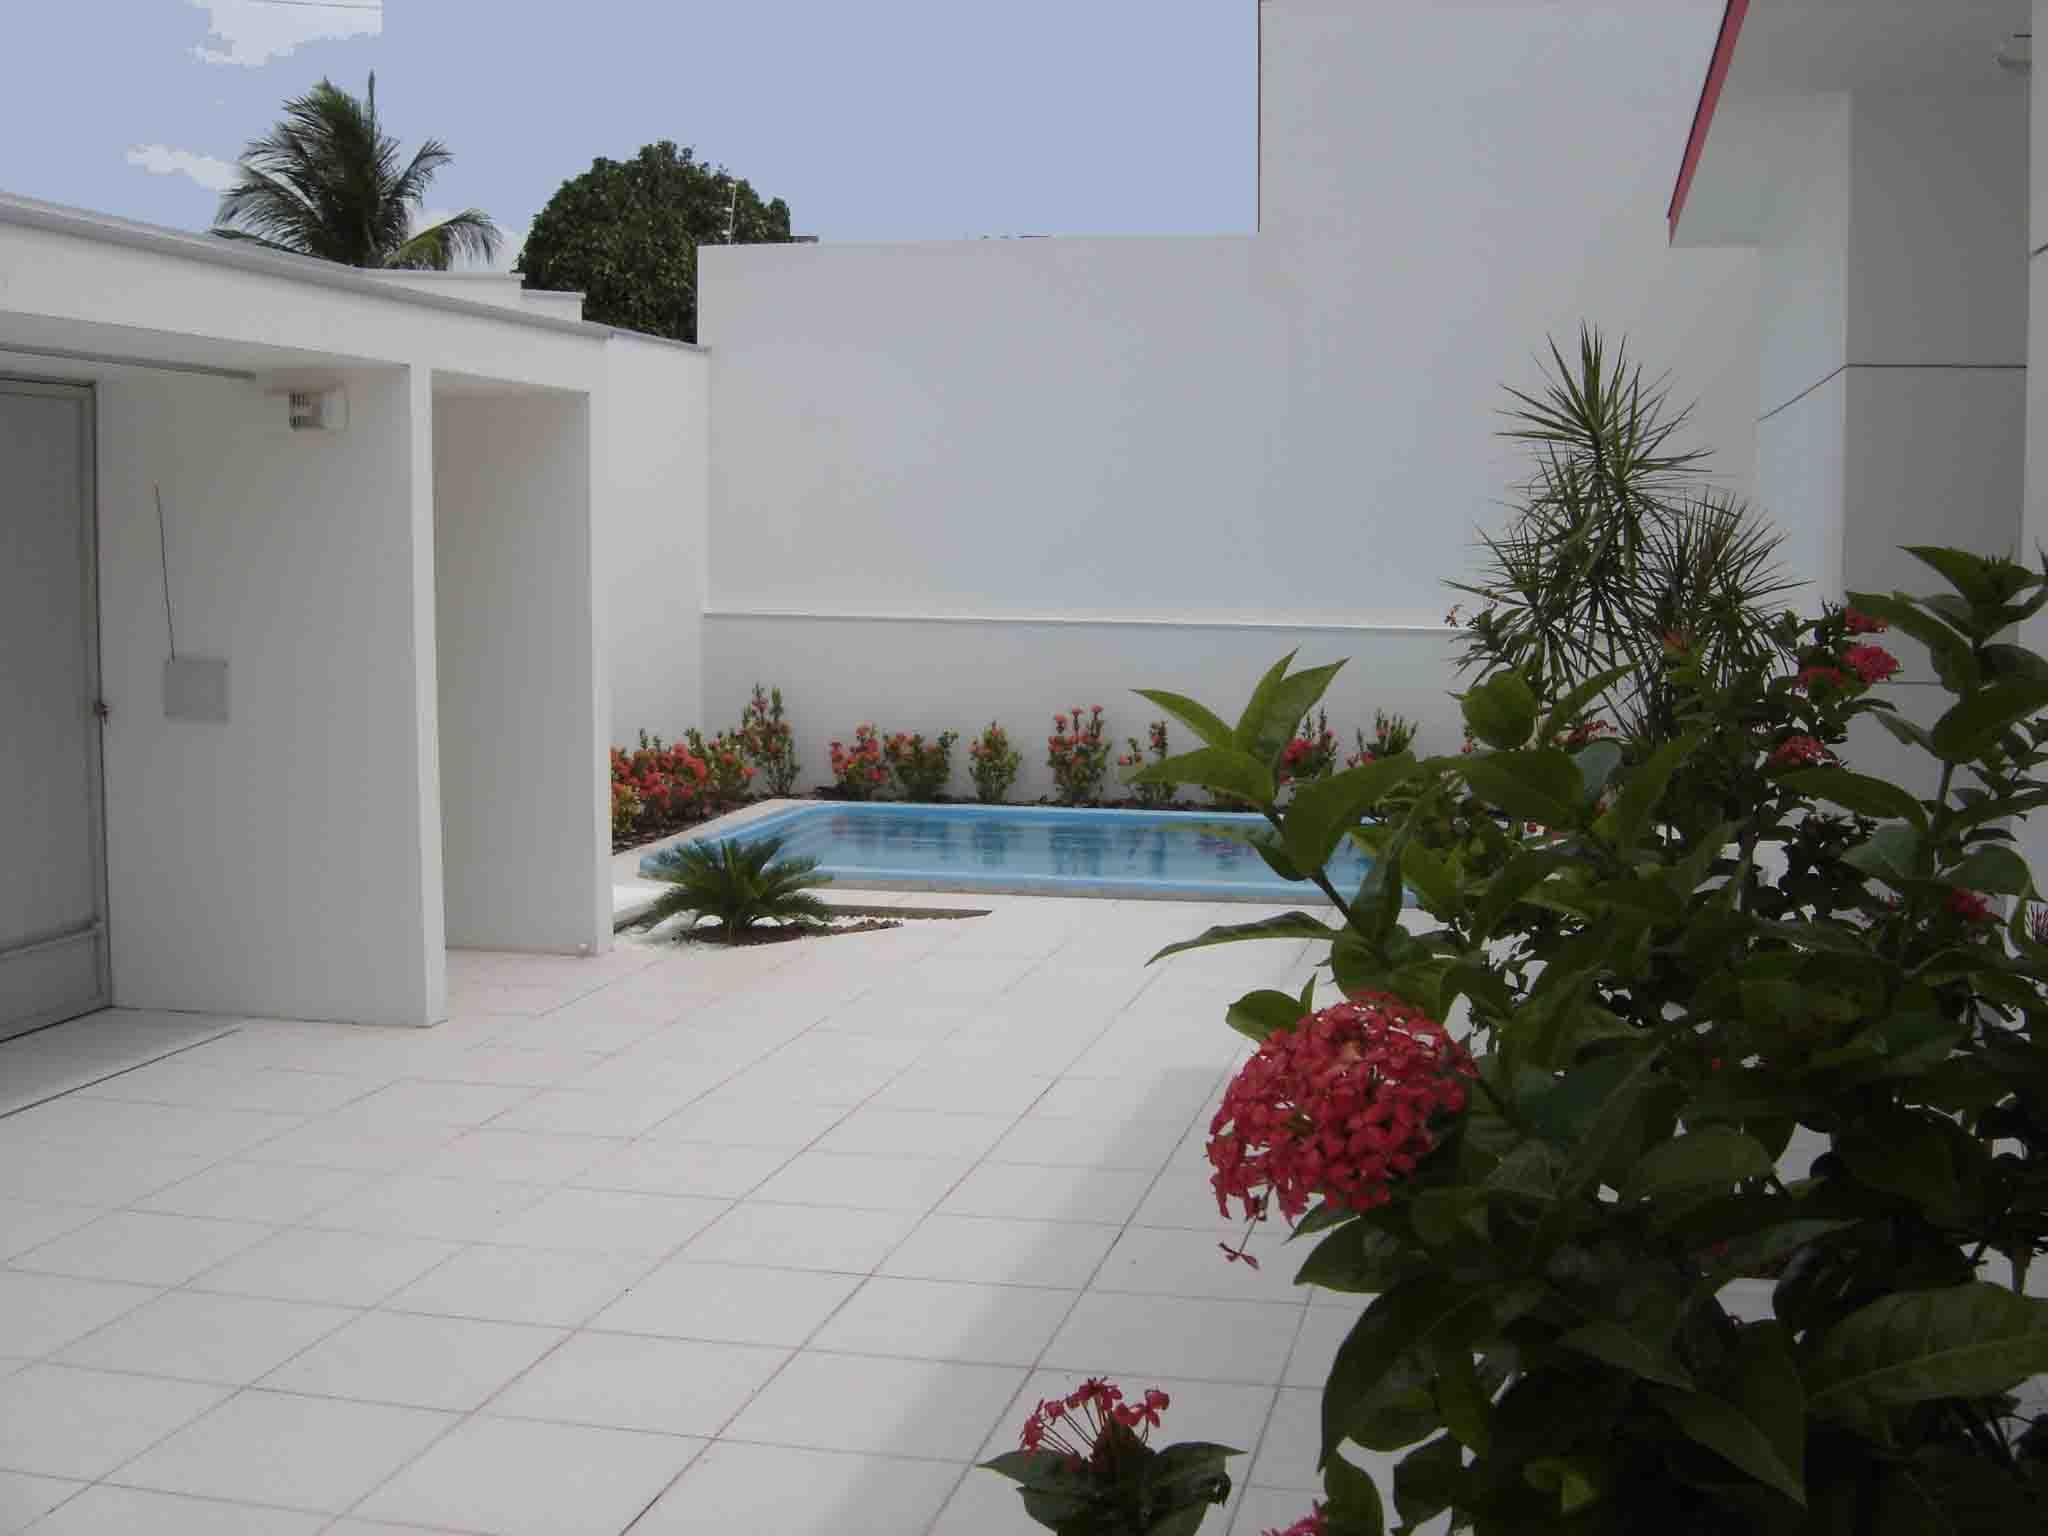 #6B2C30 casa no Cidade Jardim Natal rn – VENDIDA Imóveis em Natal RN  2048x1536 px Armario De Cozinha Casas Bahia Natal Rn #1893 imagens